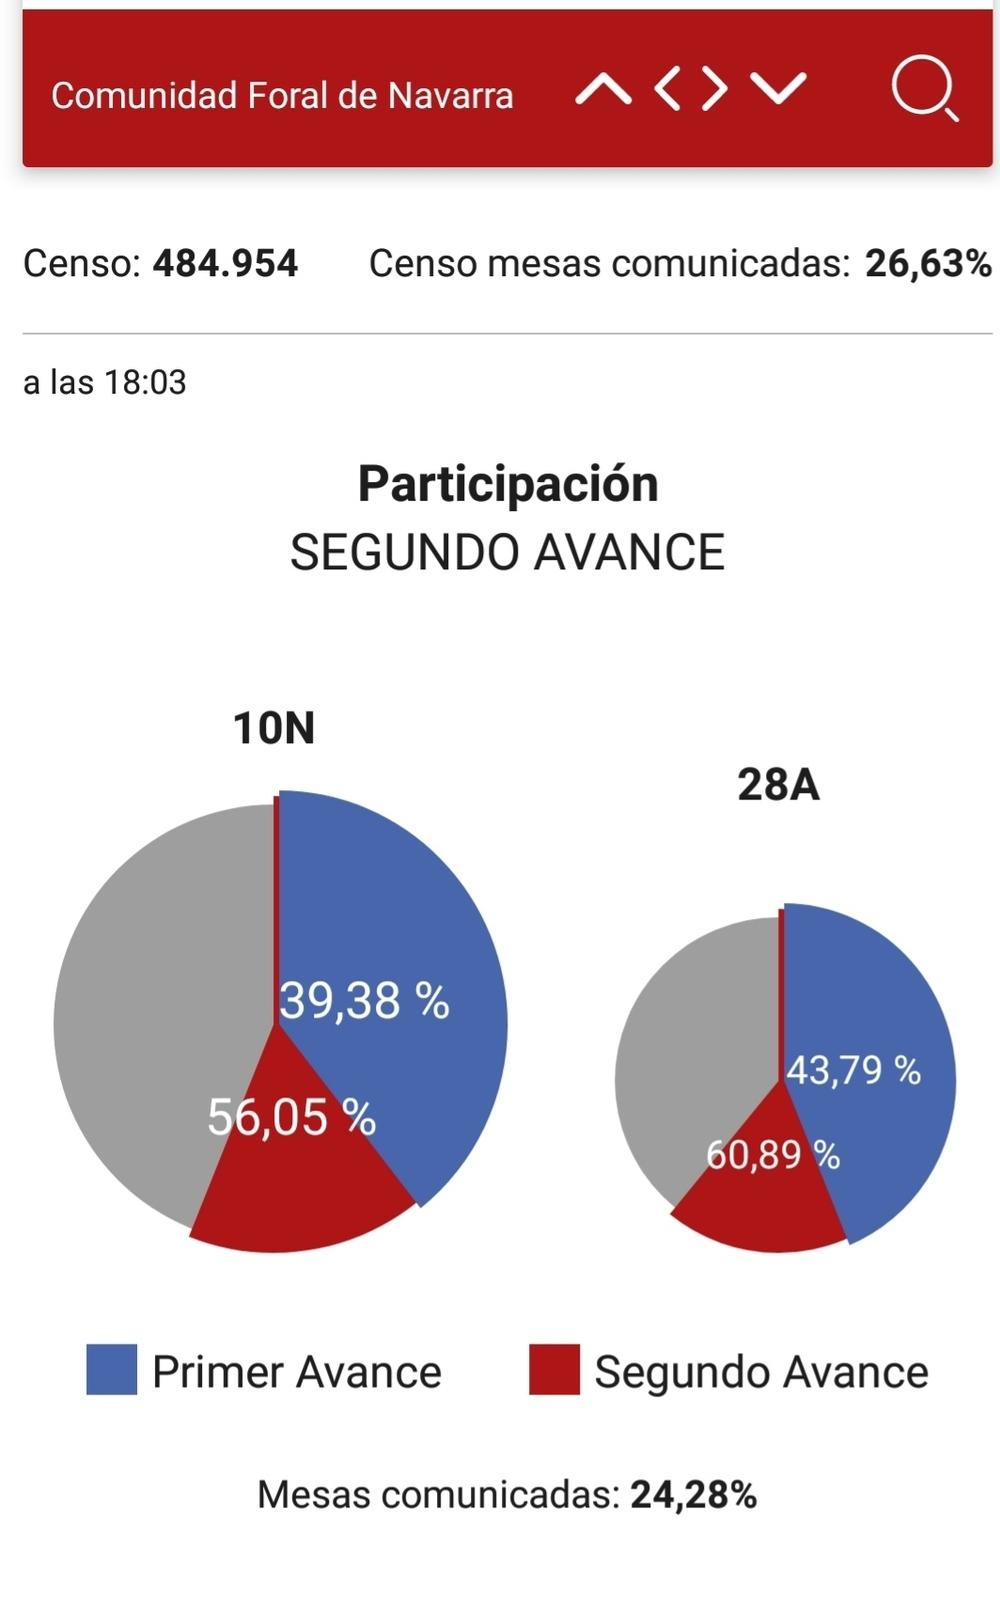 La participación es de 56,05%, cuatro puntos menos que 28A